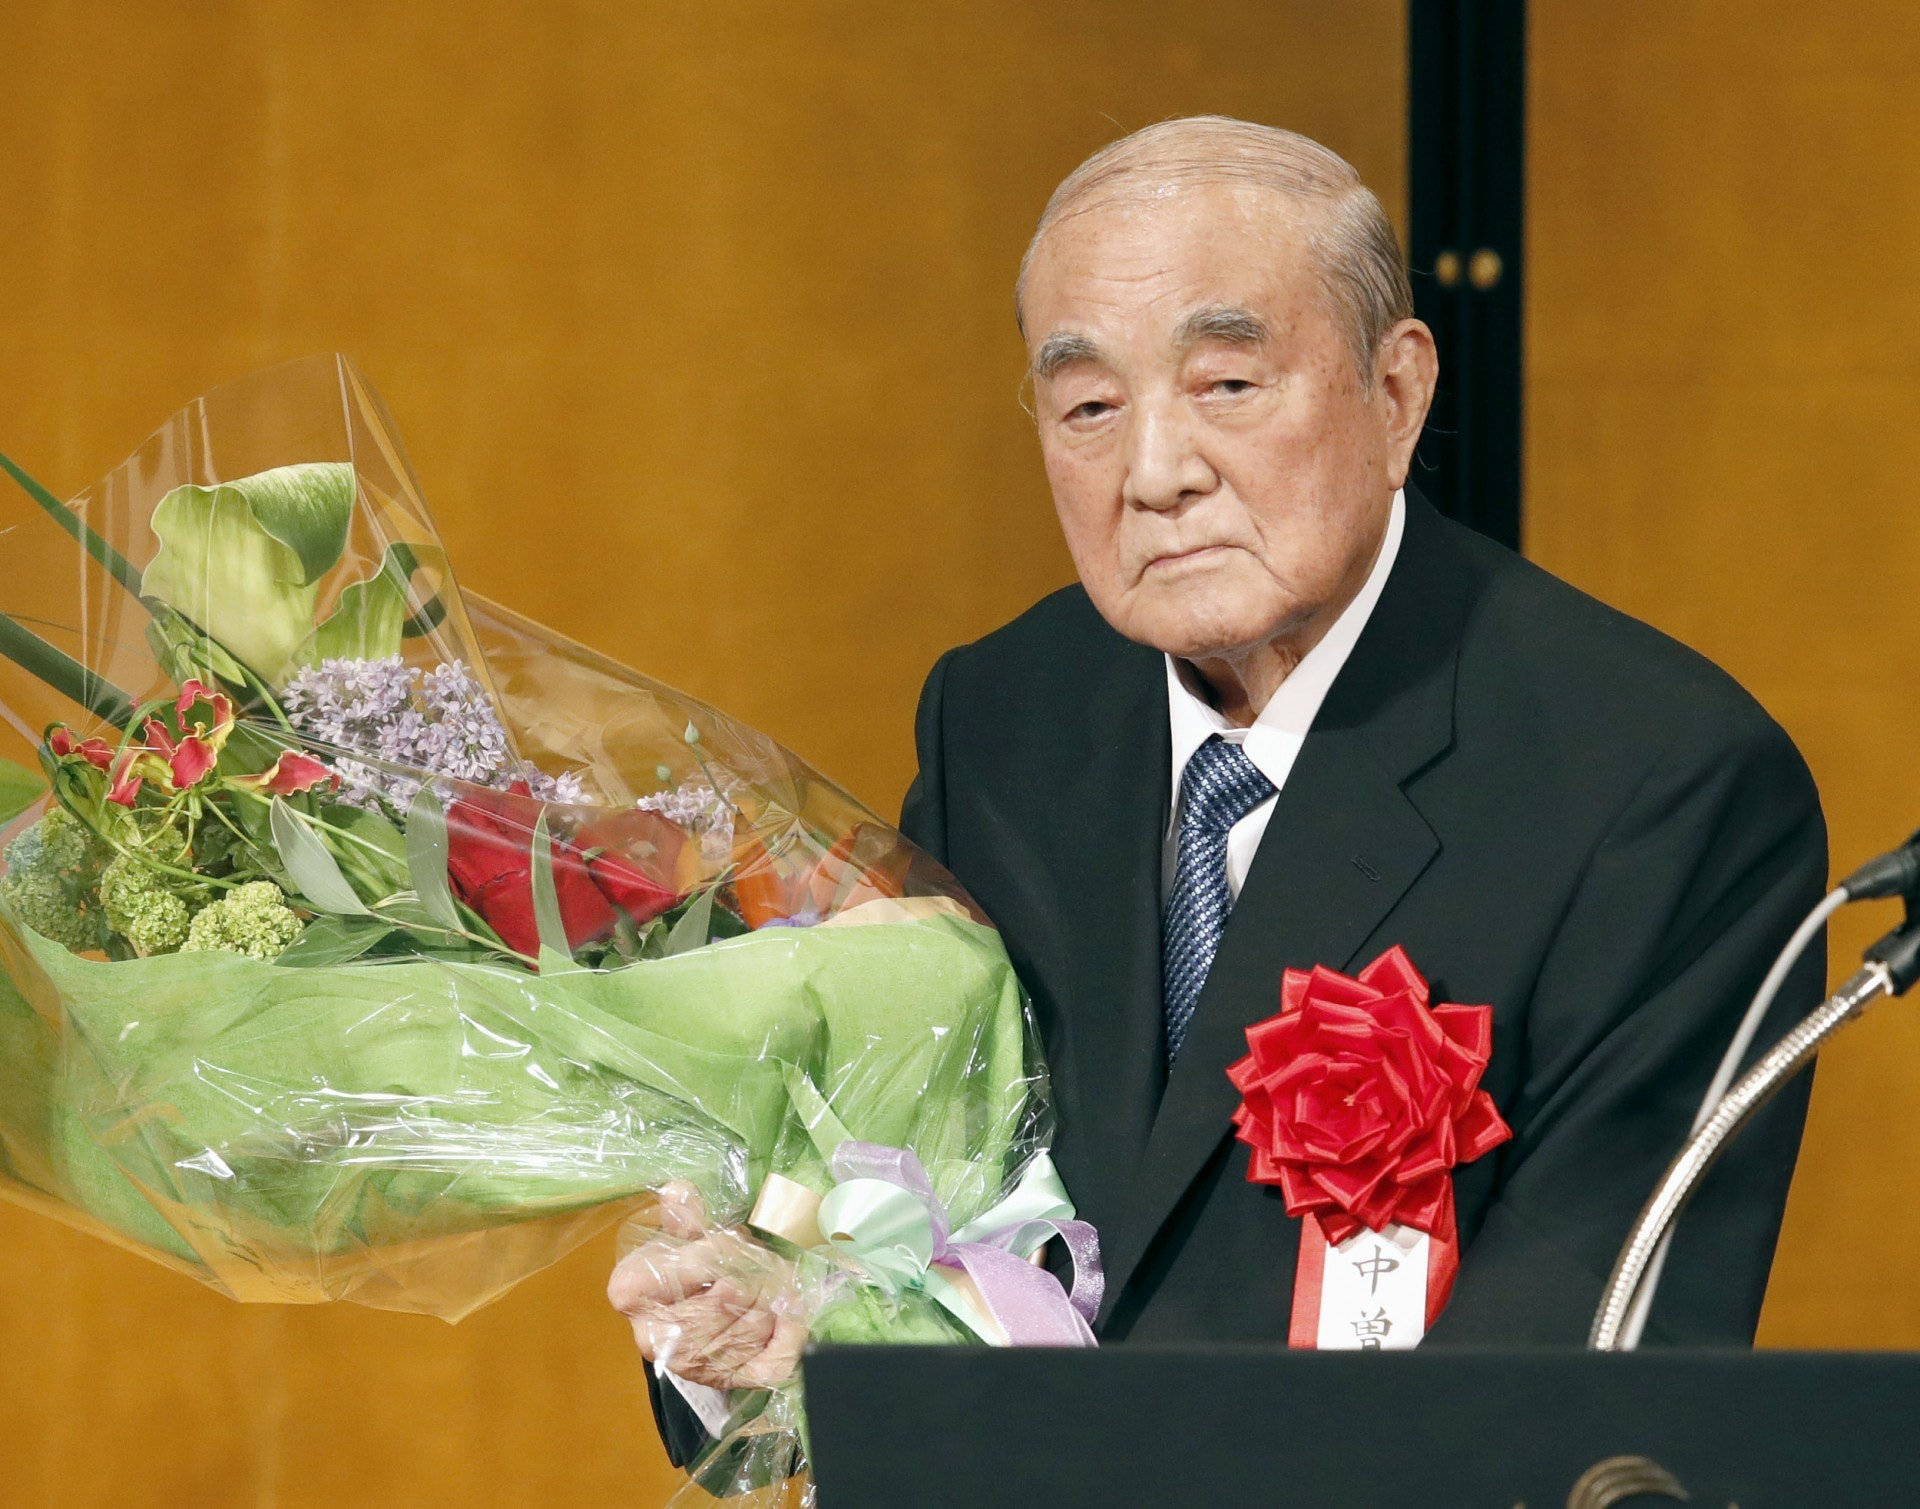 日本前首相中曾根康弘周日(27日)度過百歲生日,成為日本第二位「百歲首相」。他在生日當天分享自己保持長壽的秘訣:良好作息習慣和對世界保持好奇心。